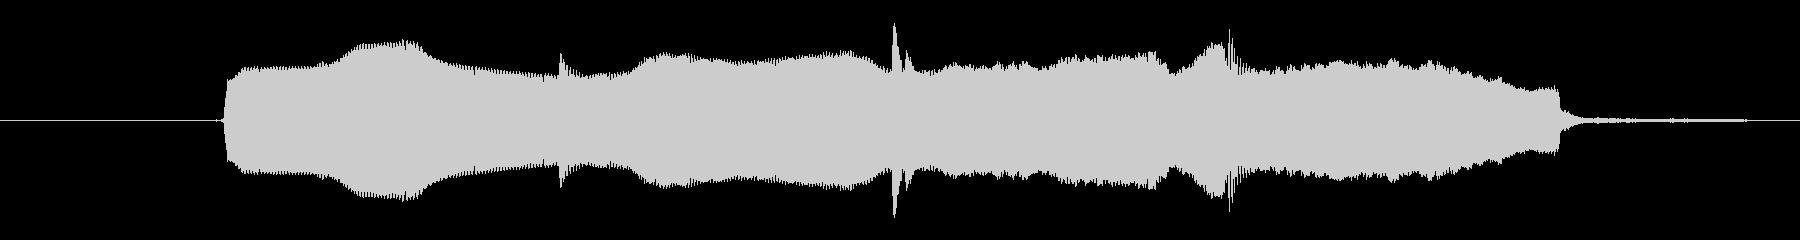 ヒント効果音 ひらめき 正解 キラキラの未再生の波形